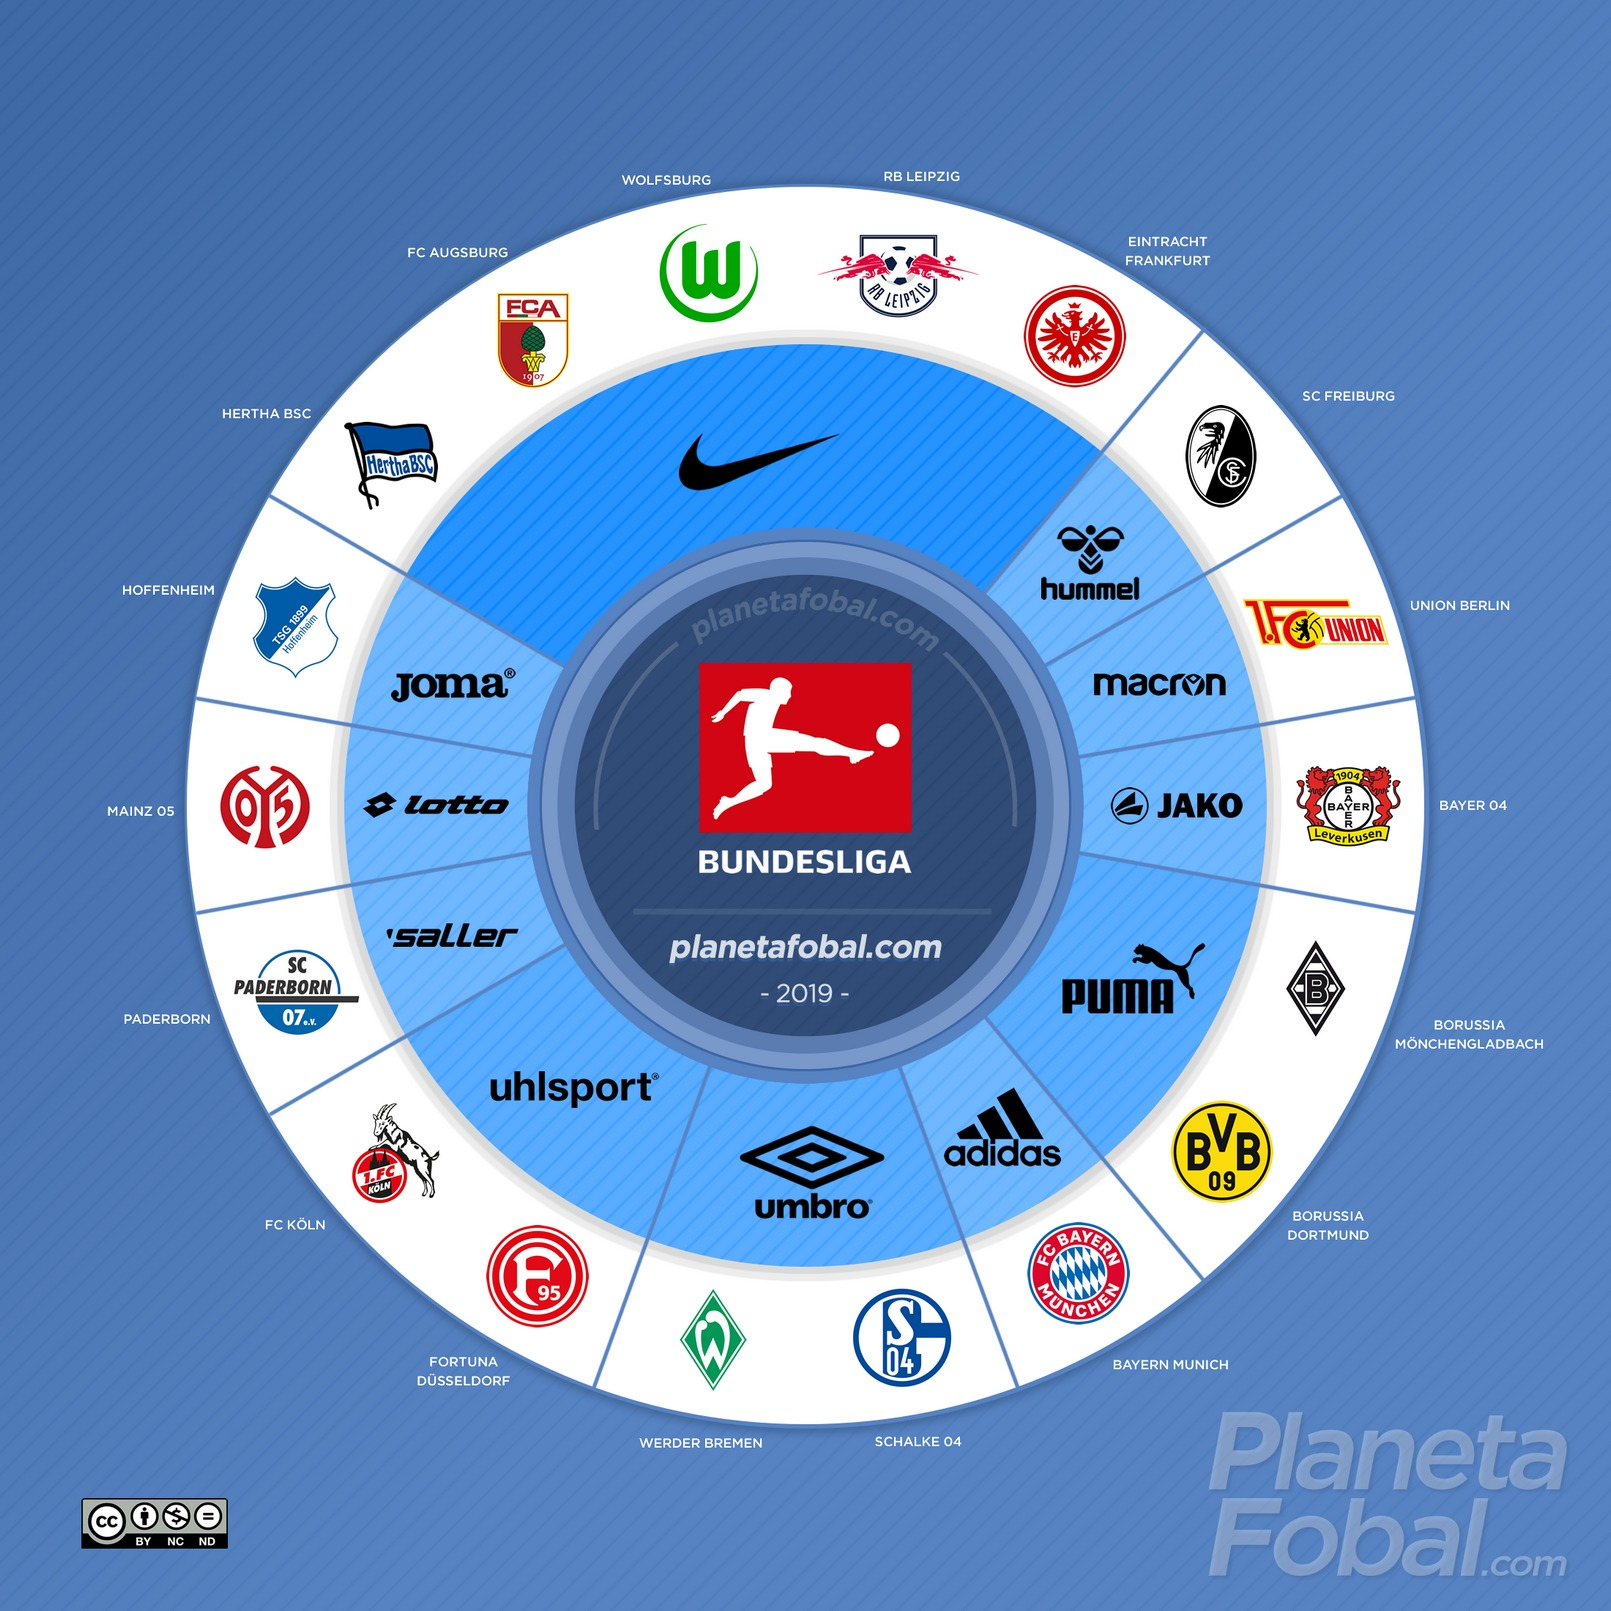 Marcas deportivas de la Bundesliga 2019/2020 | @planetafobal